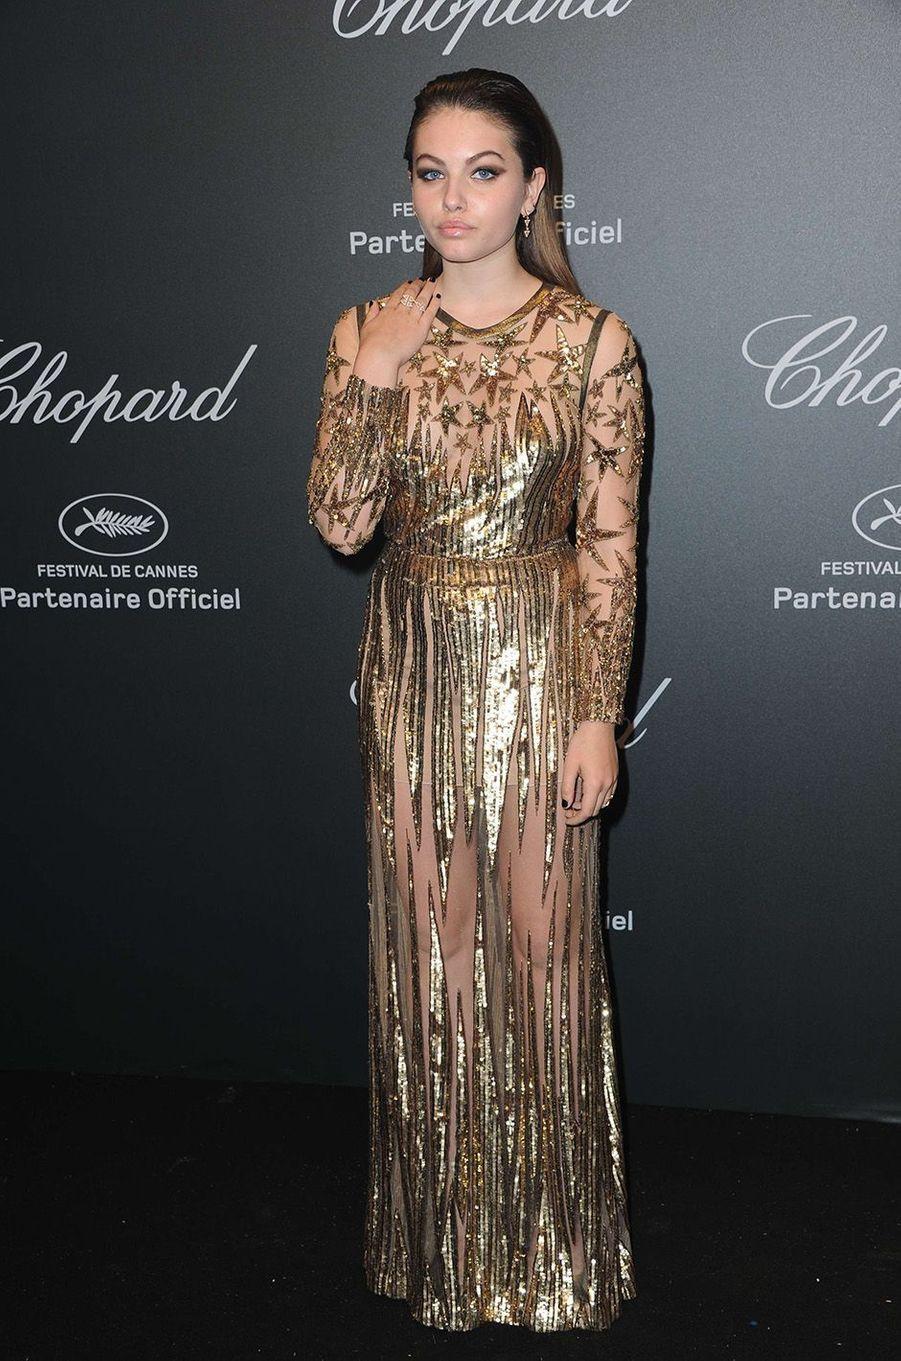 Thylane Blondeauà la soirée Chopard, à Cannes, le 19 mai 2017.